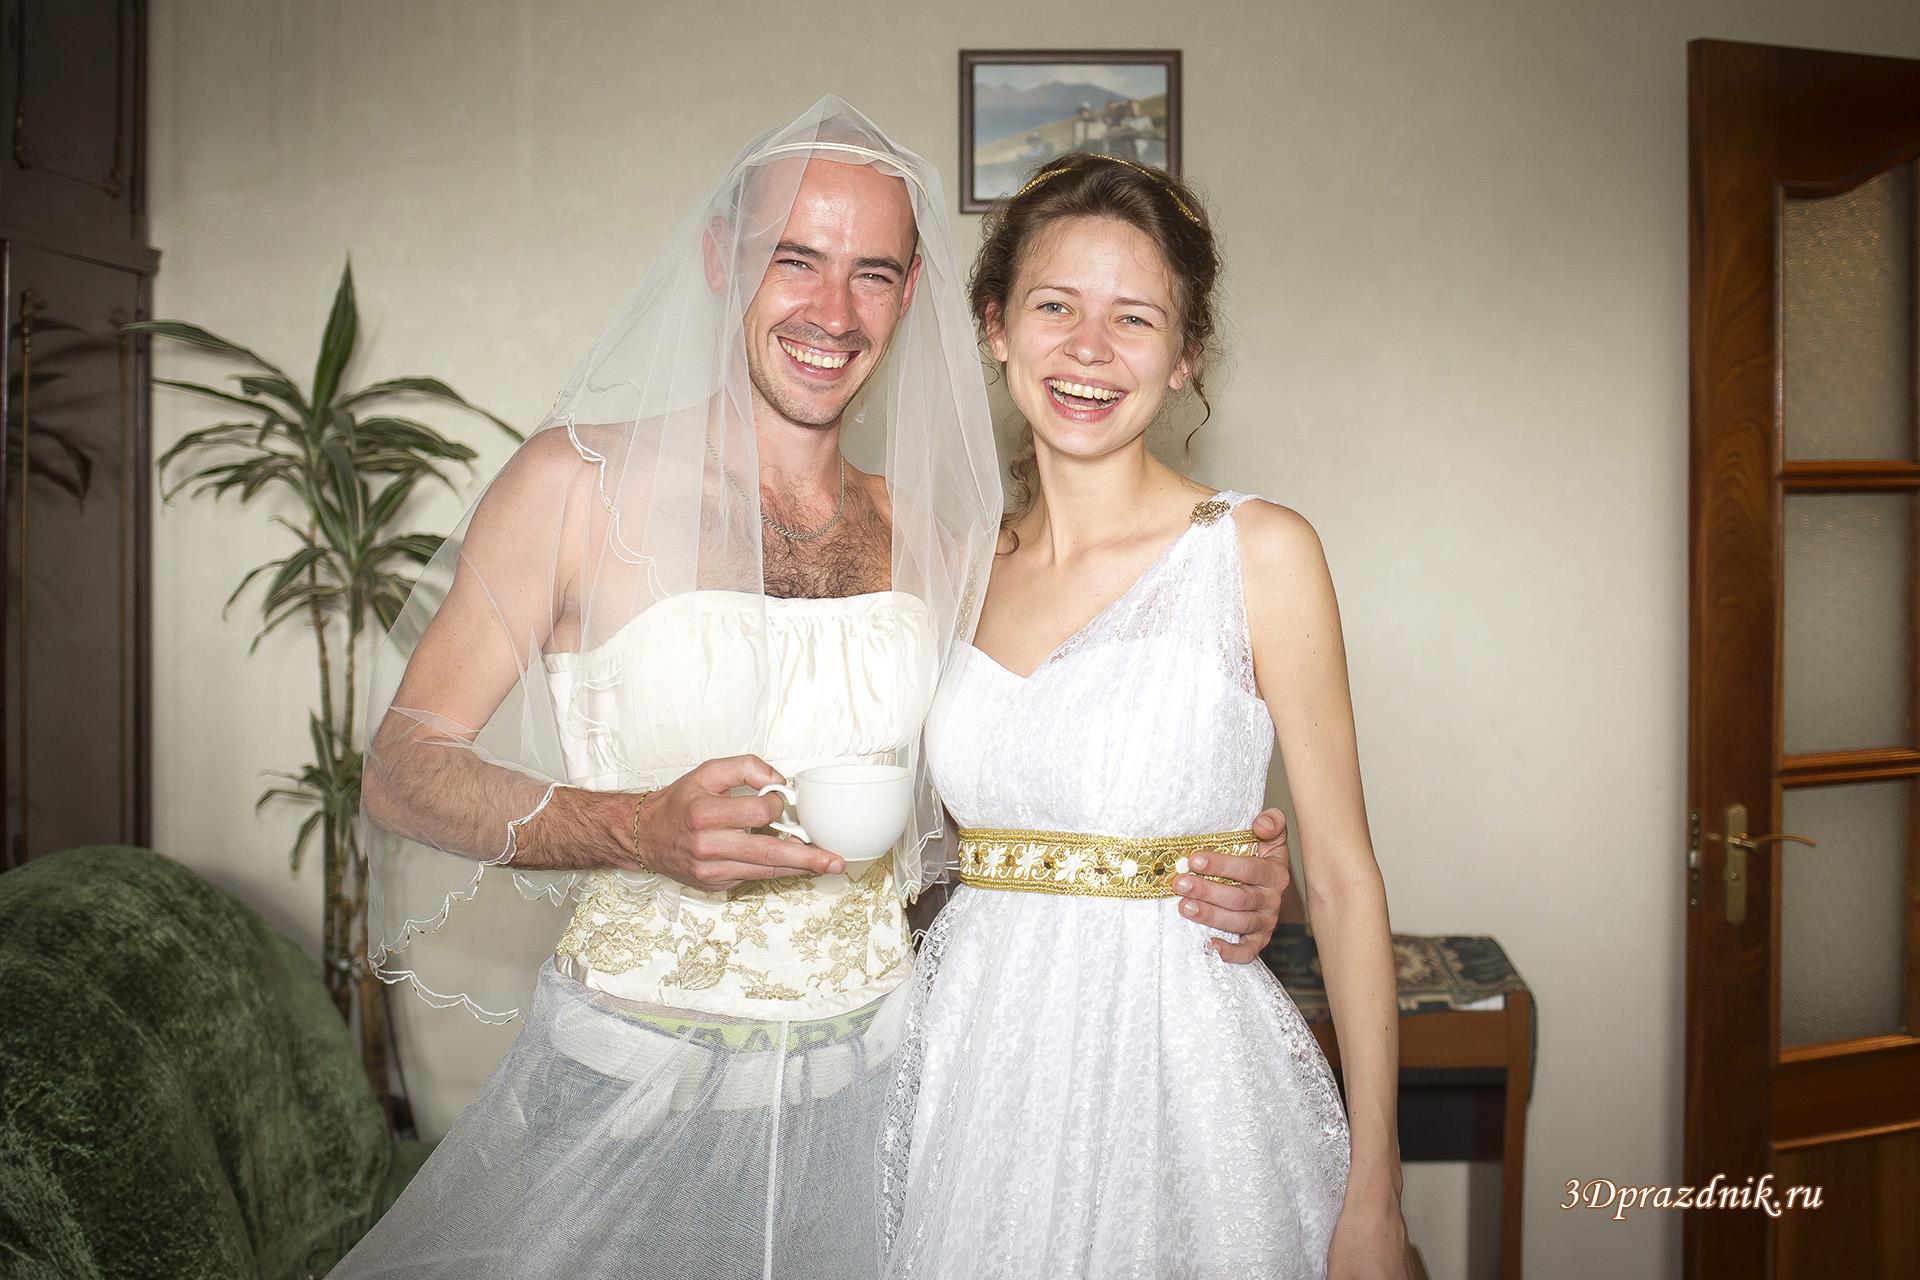 Свадьба июль. Выбор из двух невест.